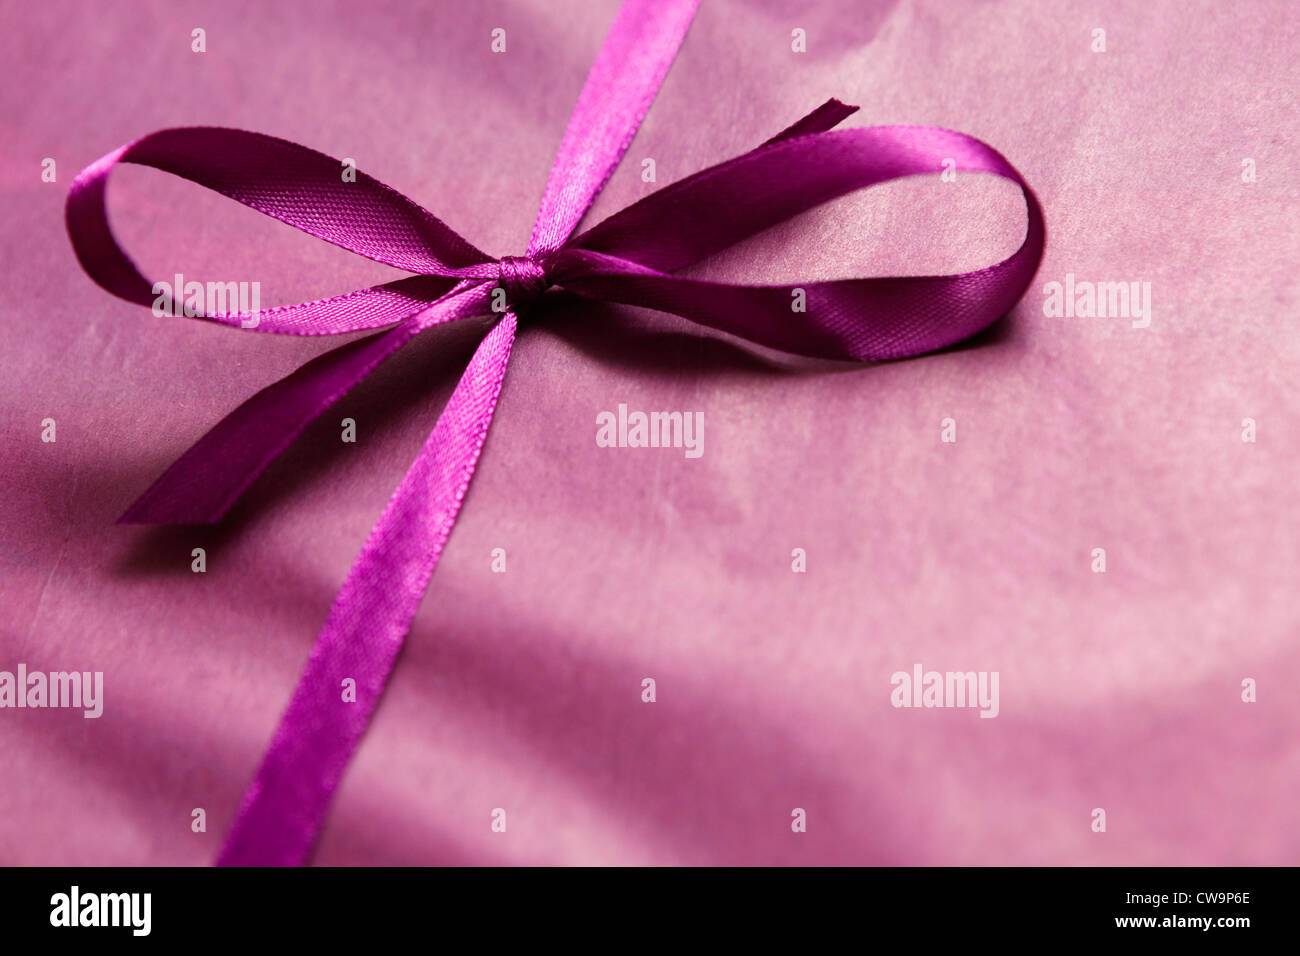 Ein Geschenk, verpackt in lila Seidenpapier und Satinschleife Stockbild